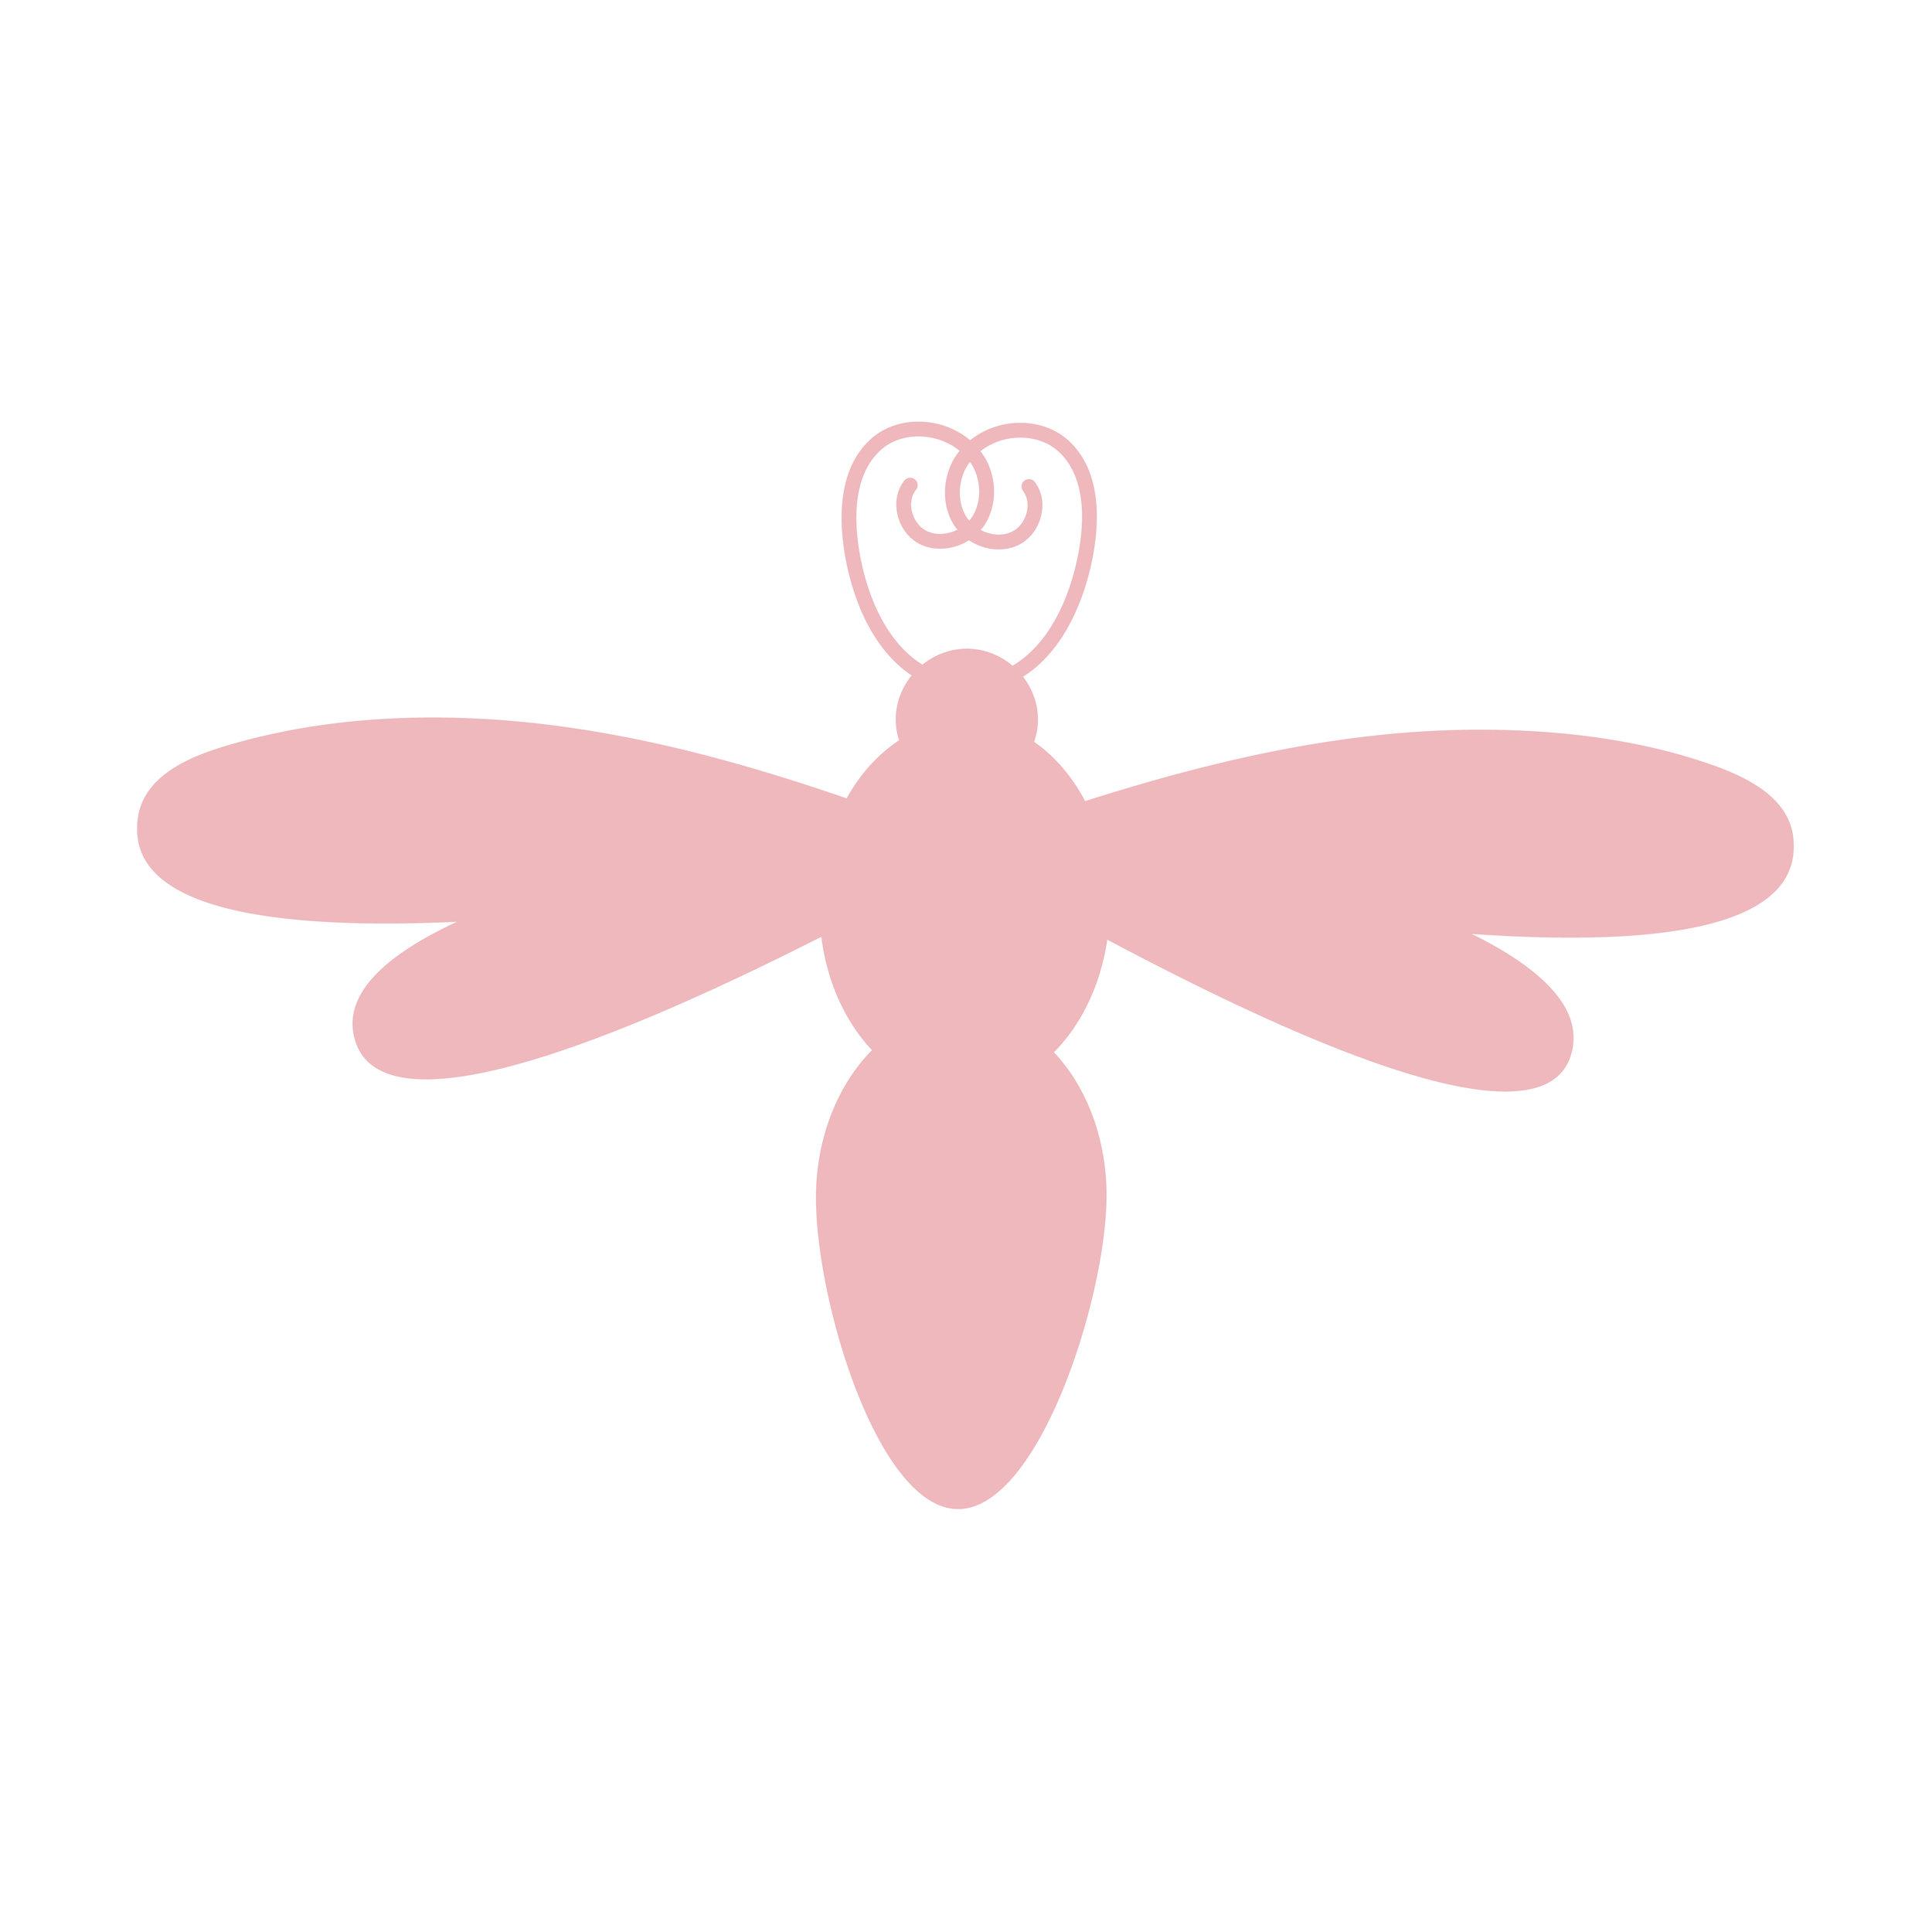 SH(B)pink.jpg